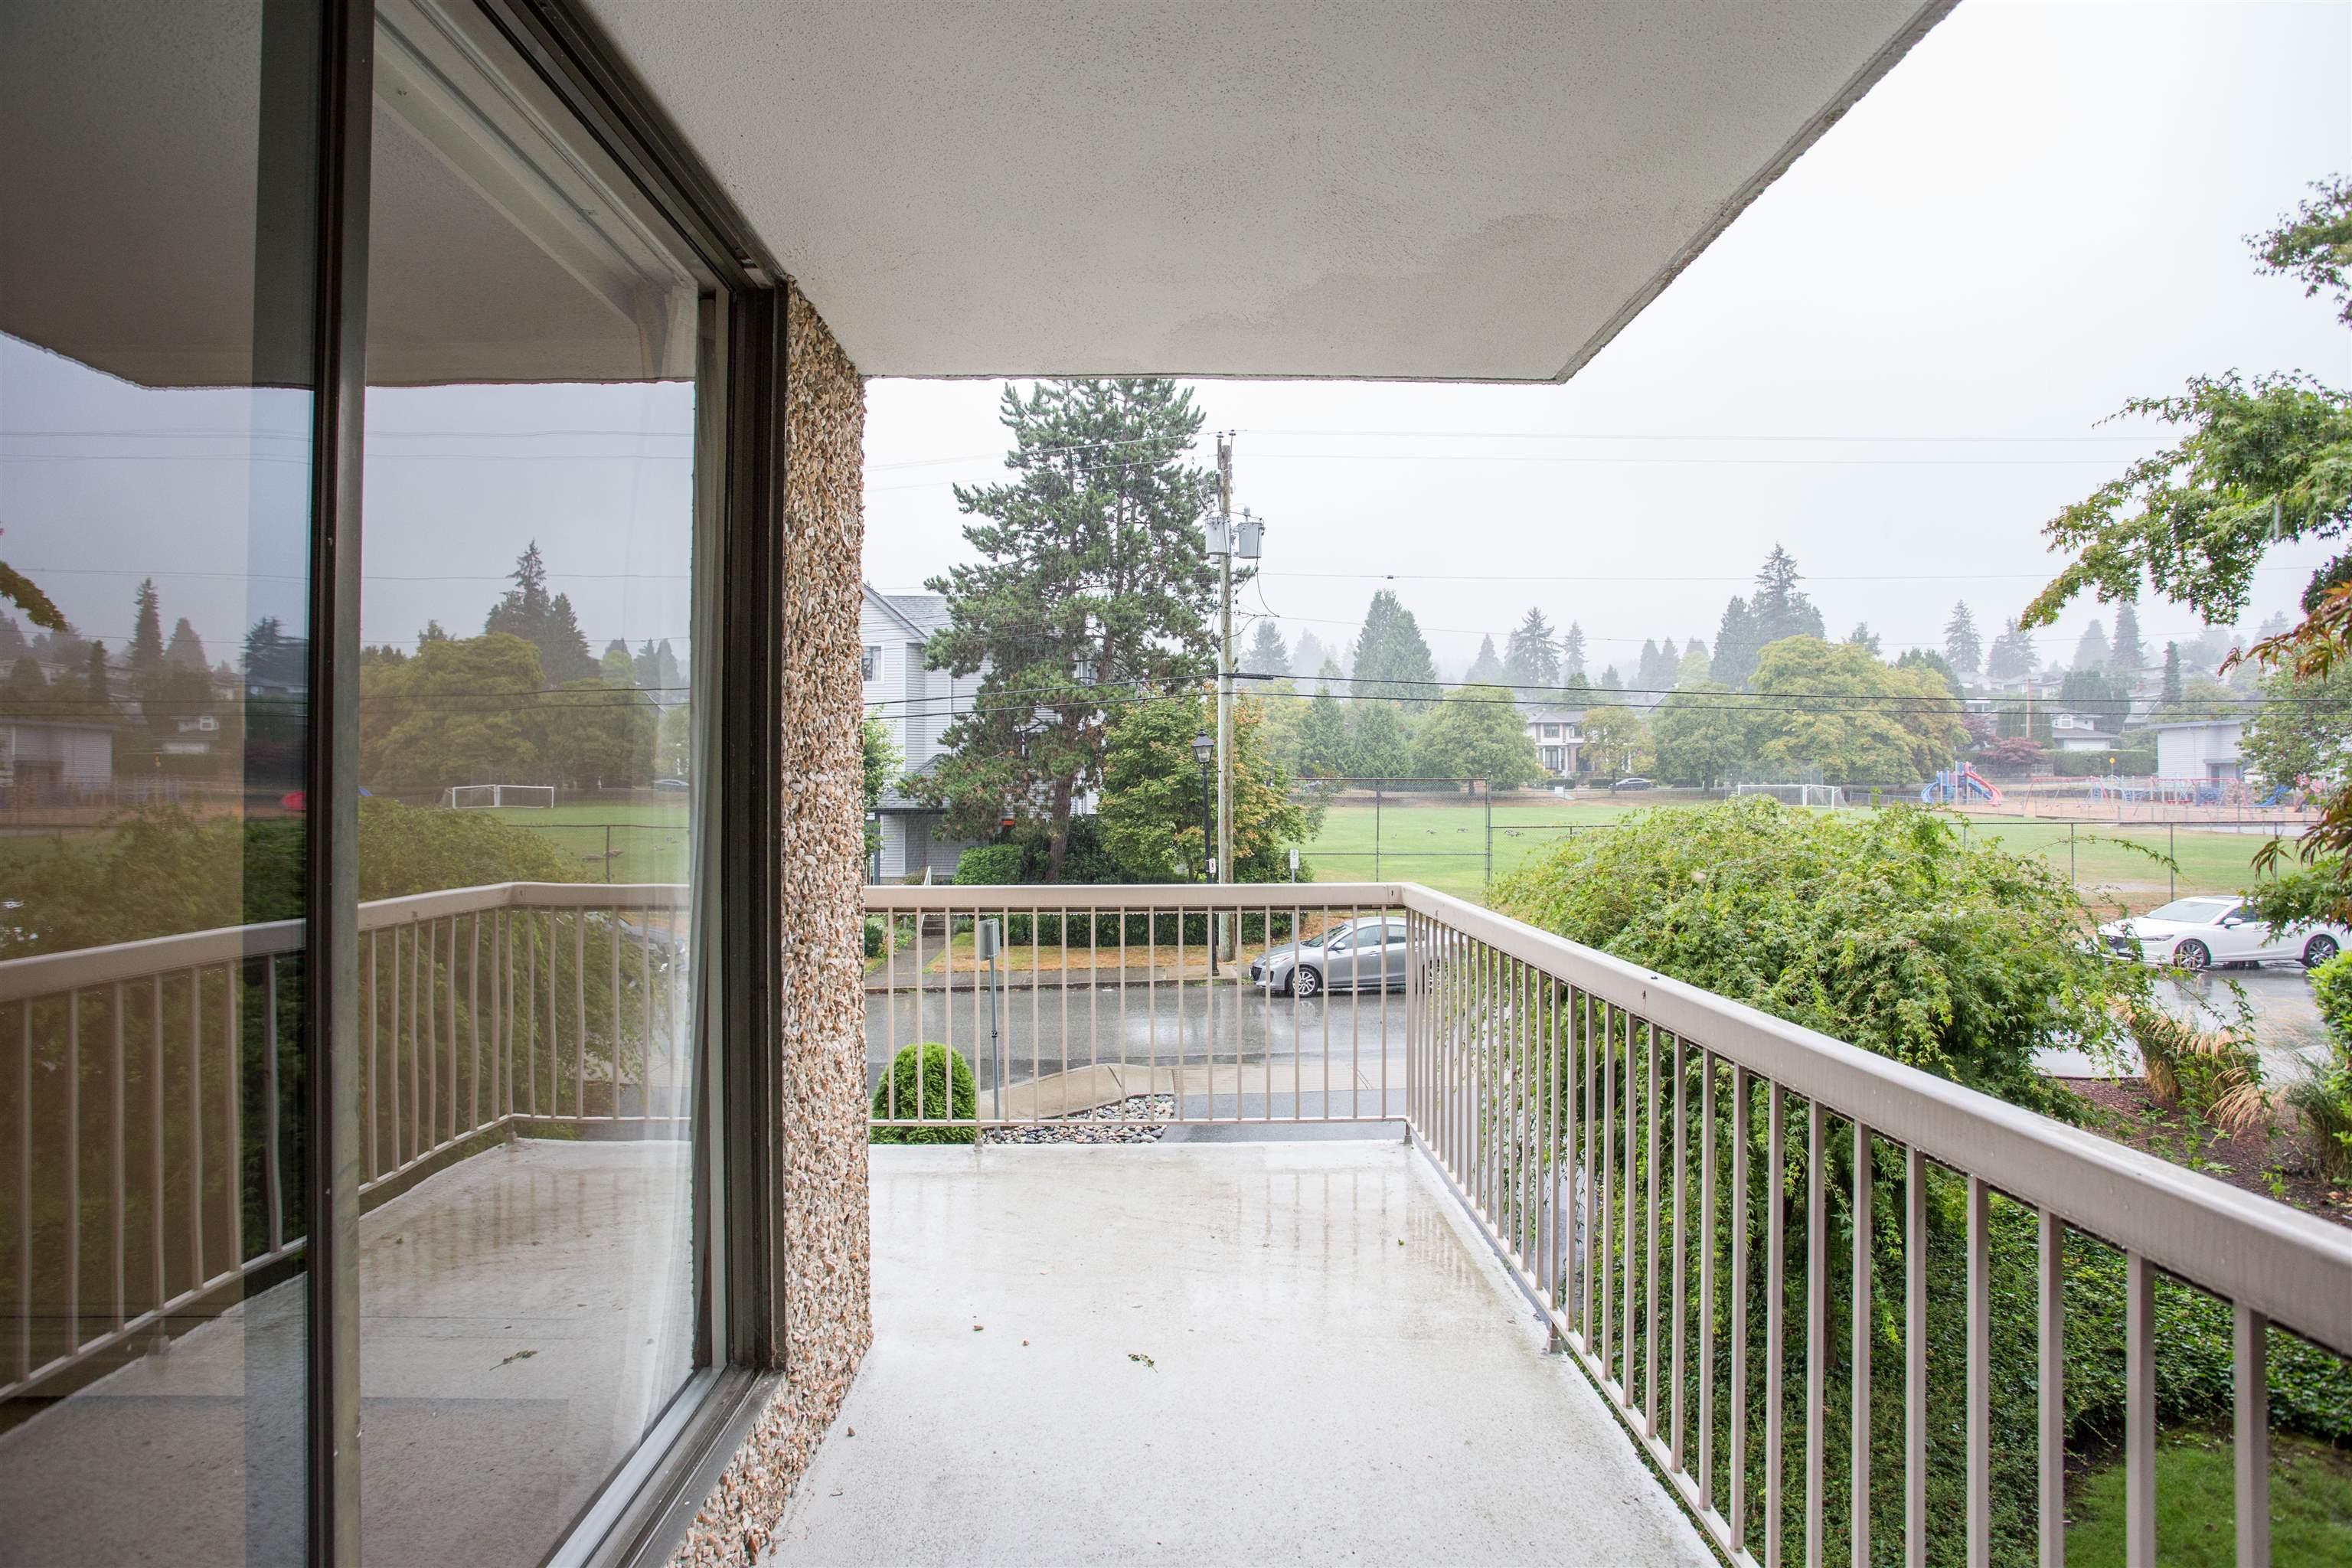 203 1390 DUCHESS AVENUE - Ambleside Apartment/Condo for sale, 1 Bedroom (R2611618) - #30